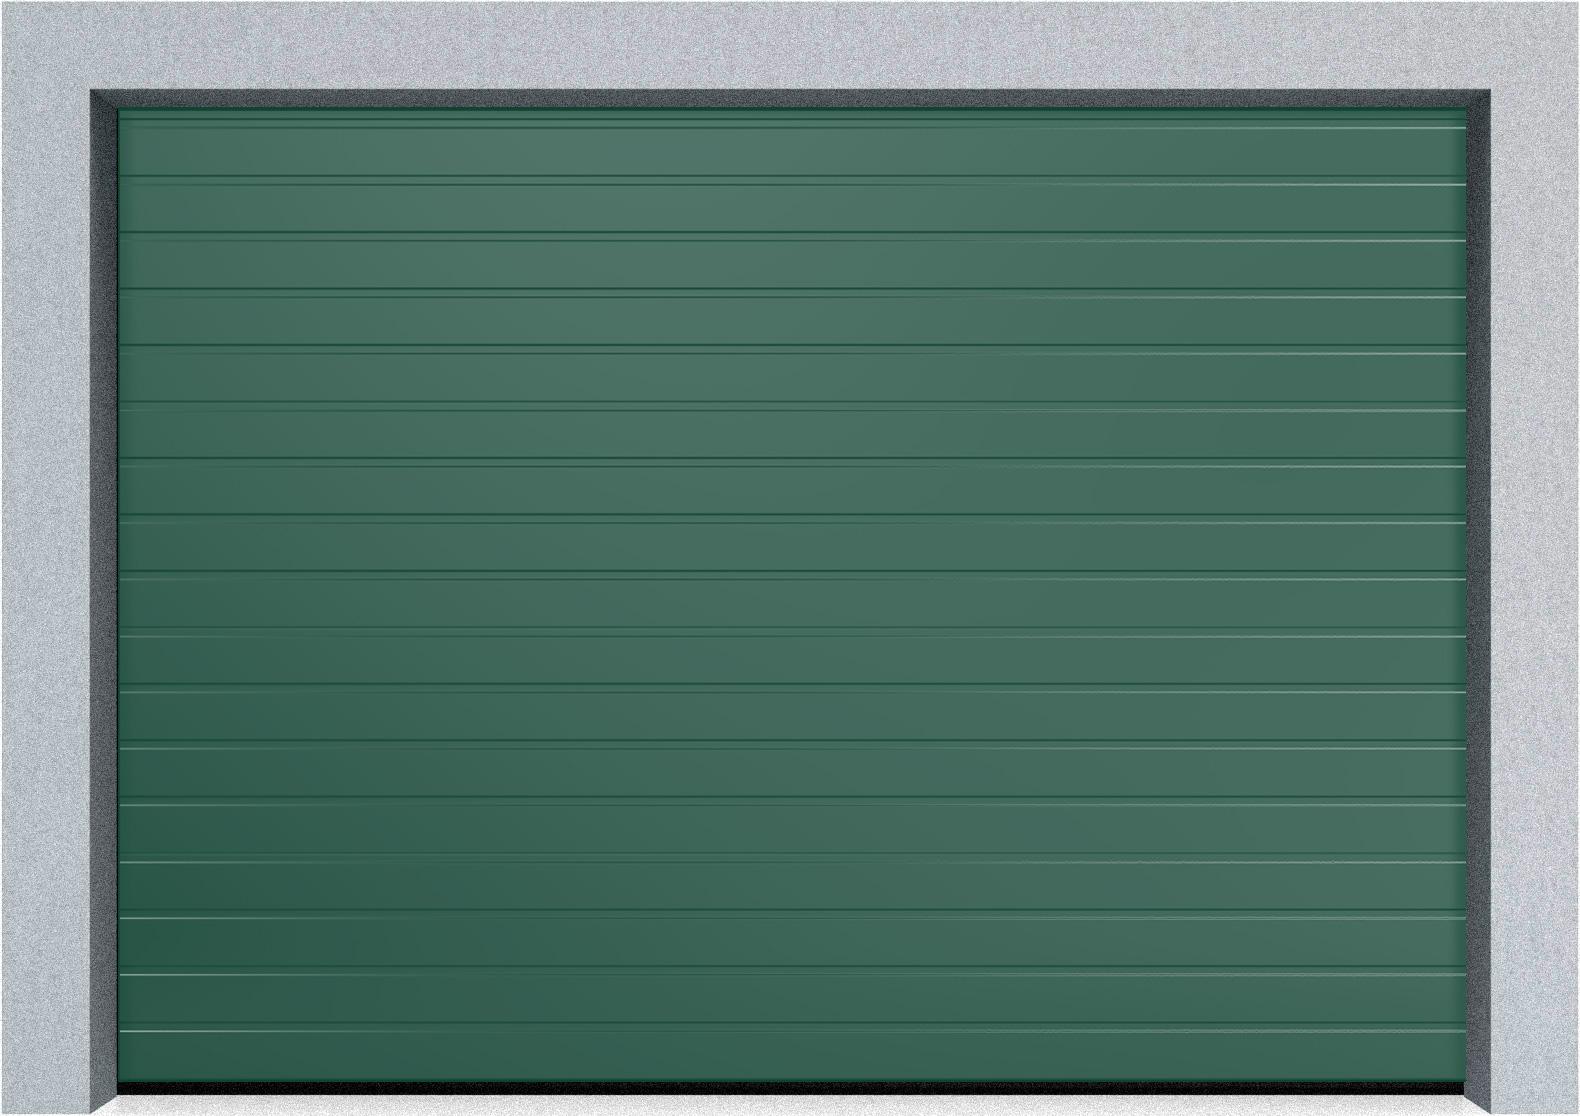 Секционные промышленные ворота Alutech ProTrend 2750х2250 S-гофр, Микроволна стандартные цвета, фото 7